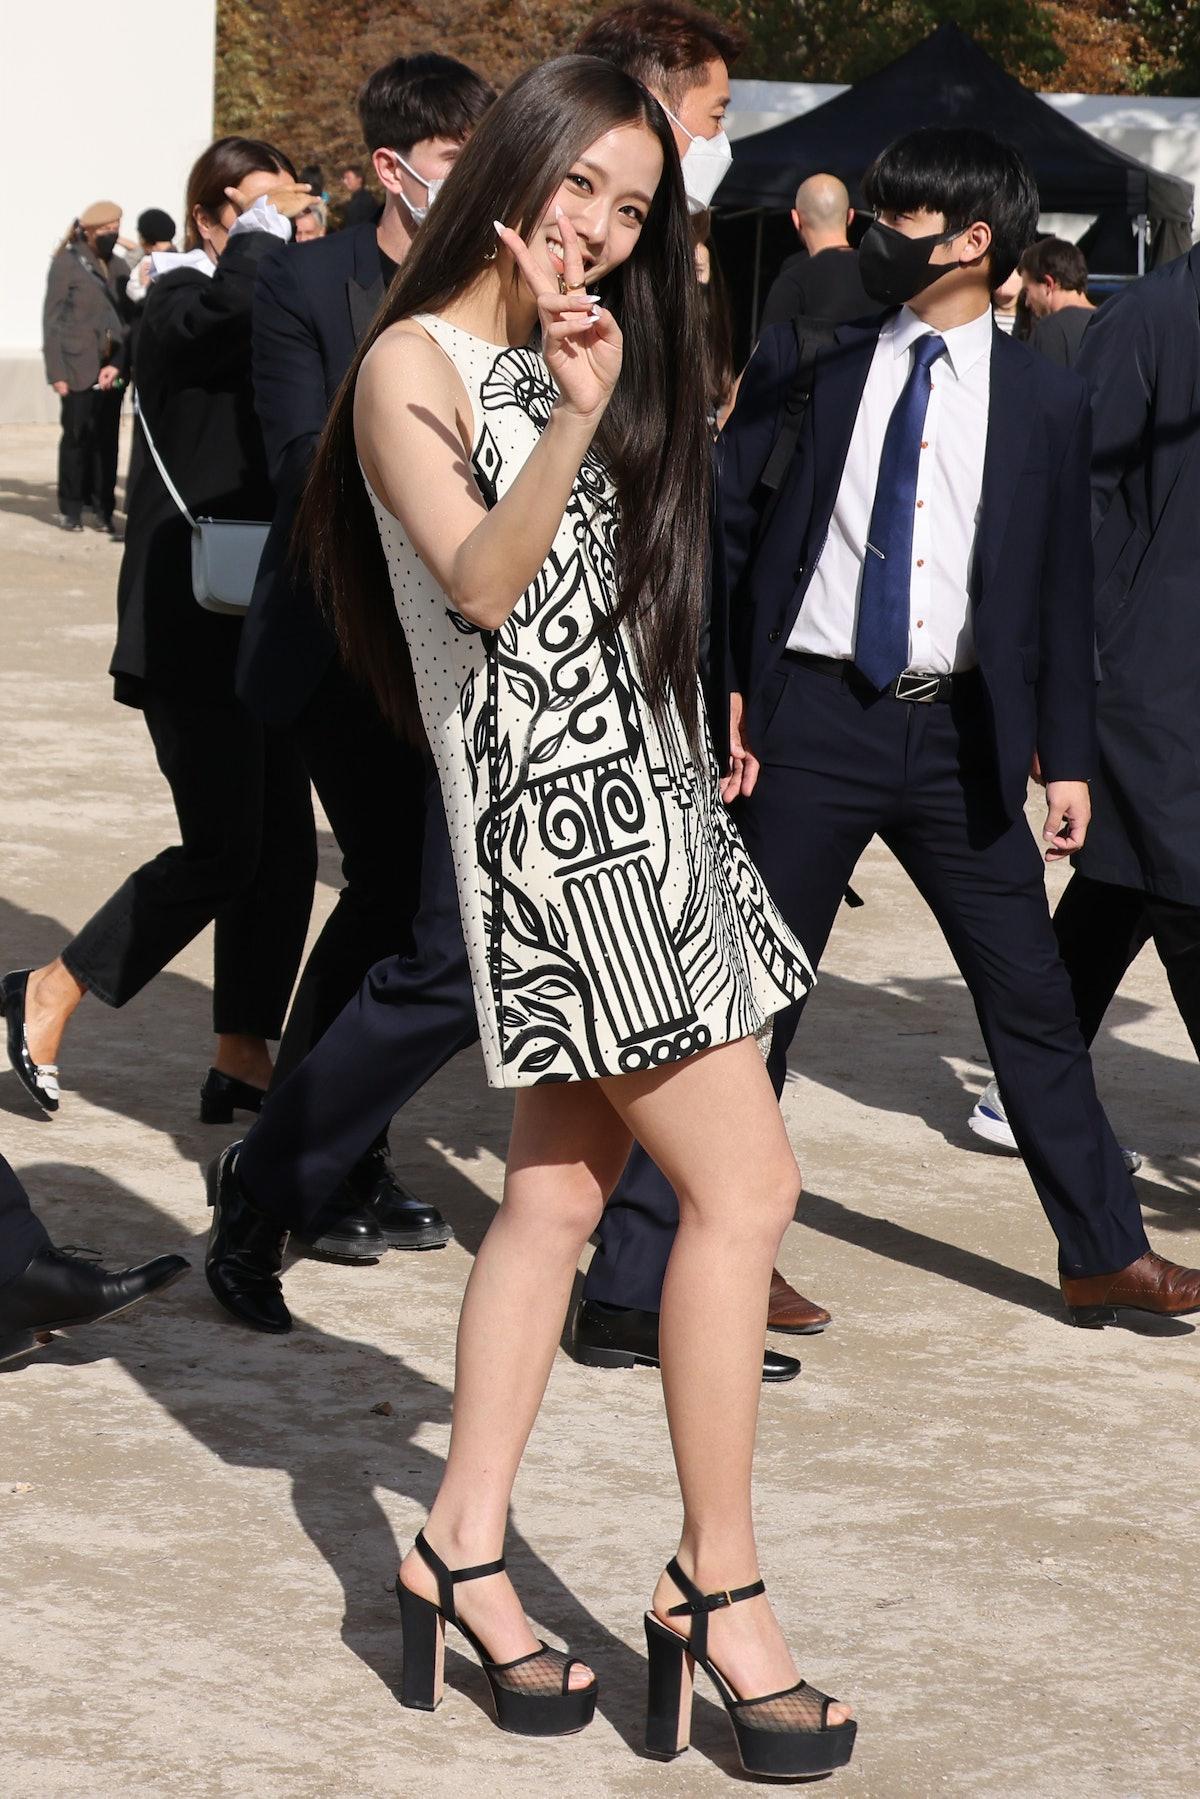 خواننده جیسو از گروه Blackpink در نمایشگاه لباس های زنانه Dior بهار/تابستان 2022 در قالب ...